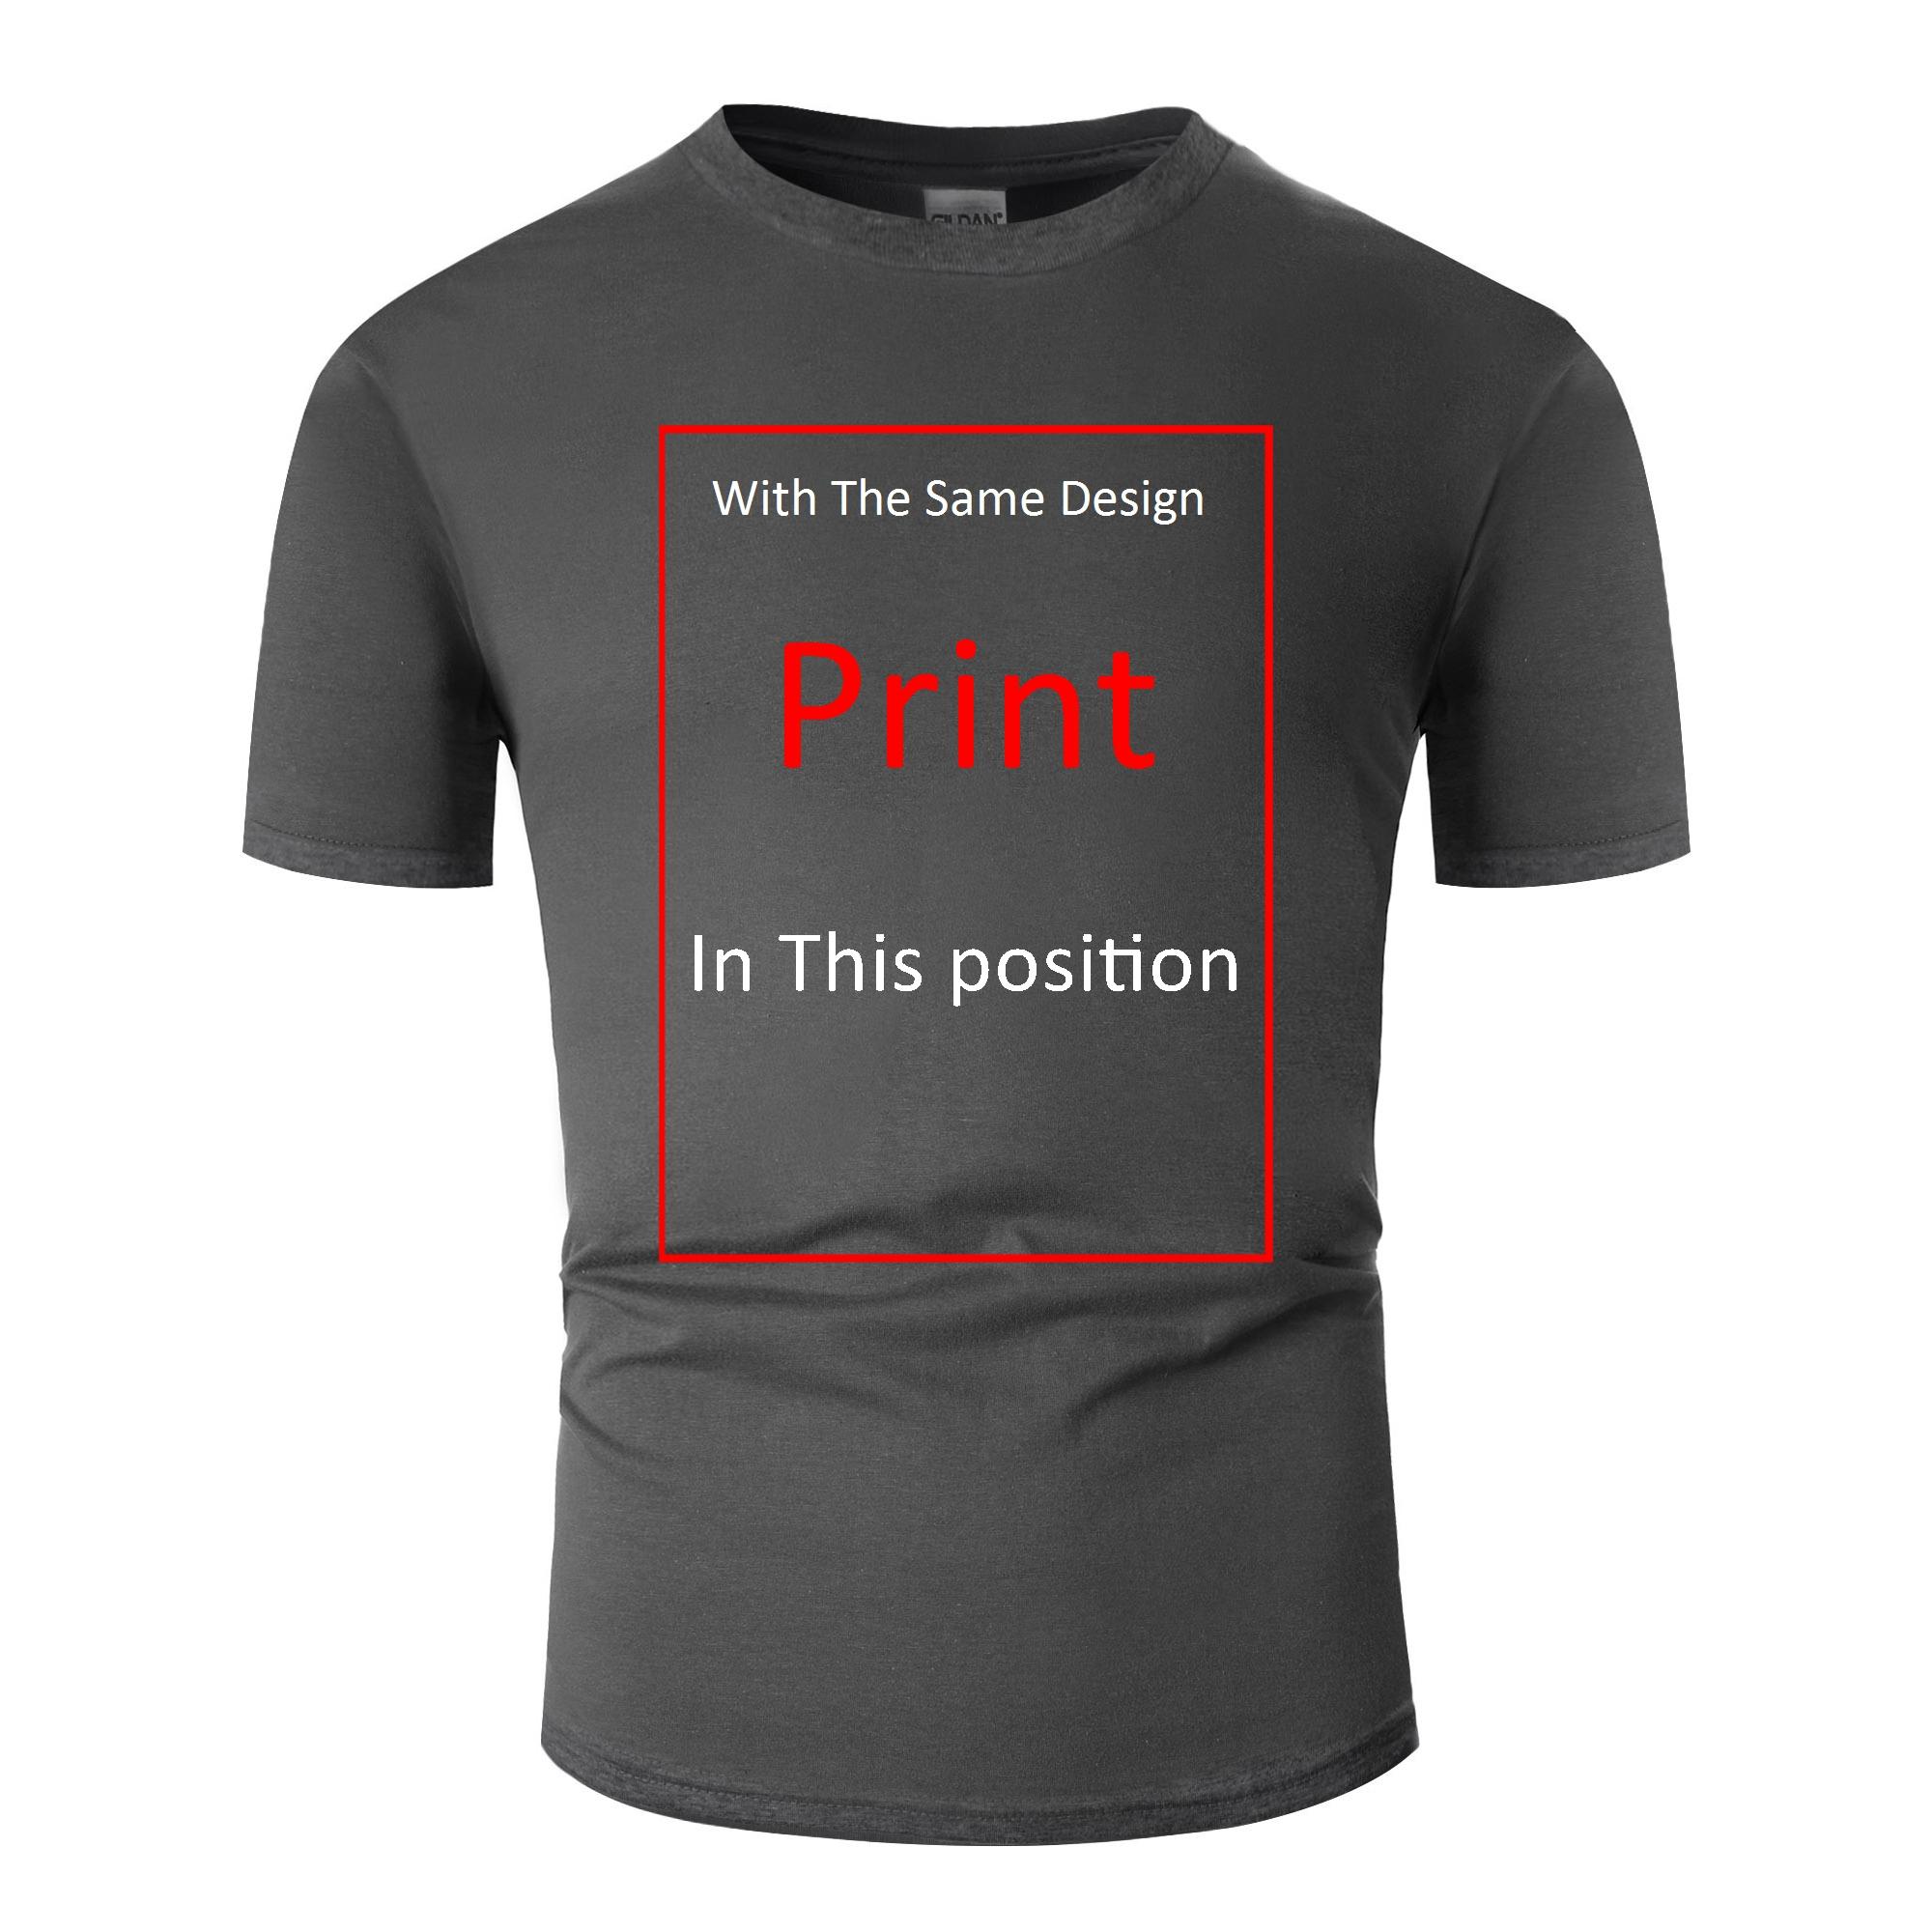 Облегающая Мужская футболка с надписью Keep Calm I'm A Urban Planner, 2020, с коротким рукавом, Юмористическая футболка для взрослых, футболки, топы(Китай)